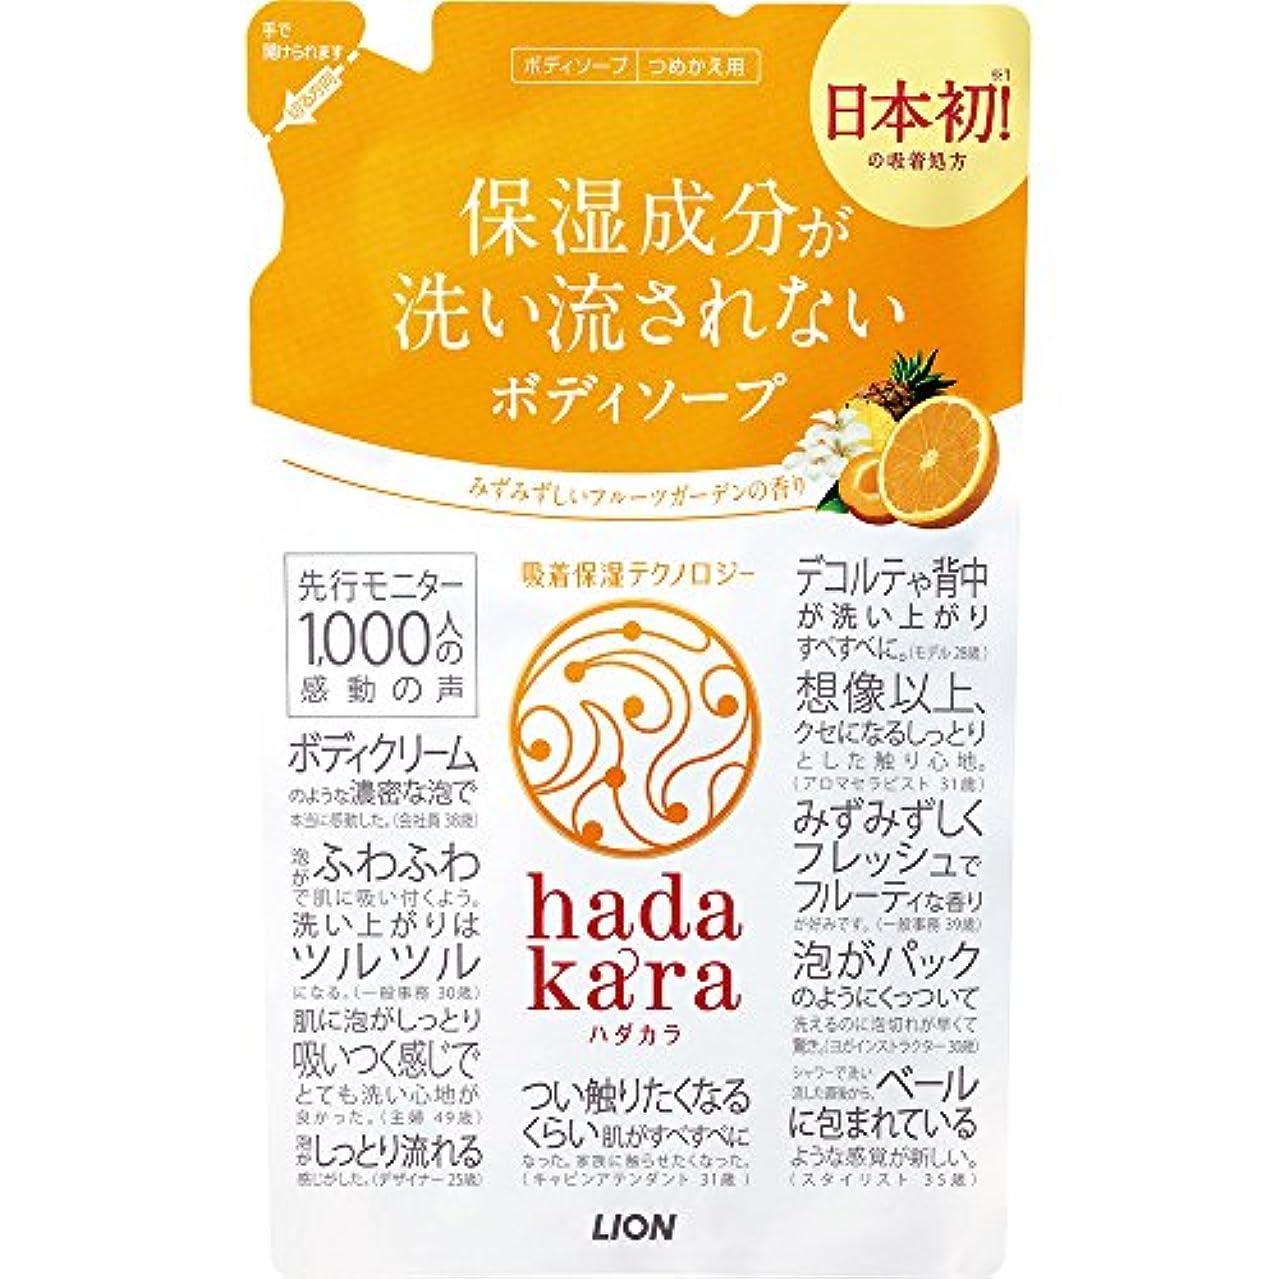 口実アサートサーキュレーションhadakara(ハダカラ) ボディソープ フルーツガーデンの香り 詰め替え 360ml